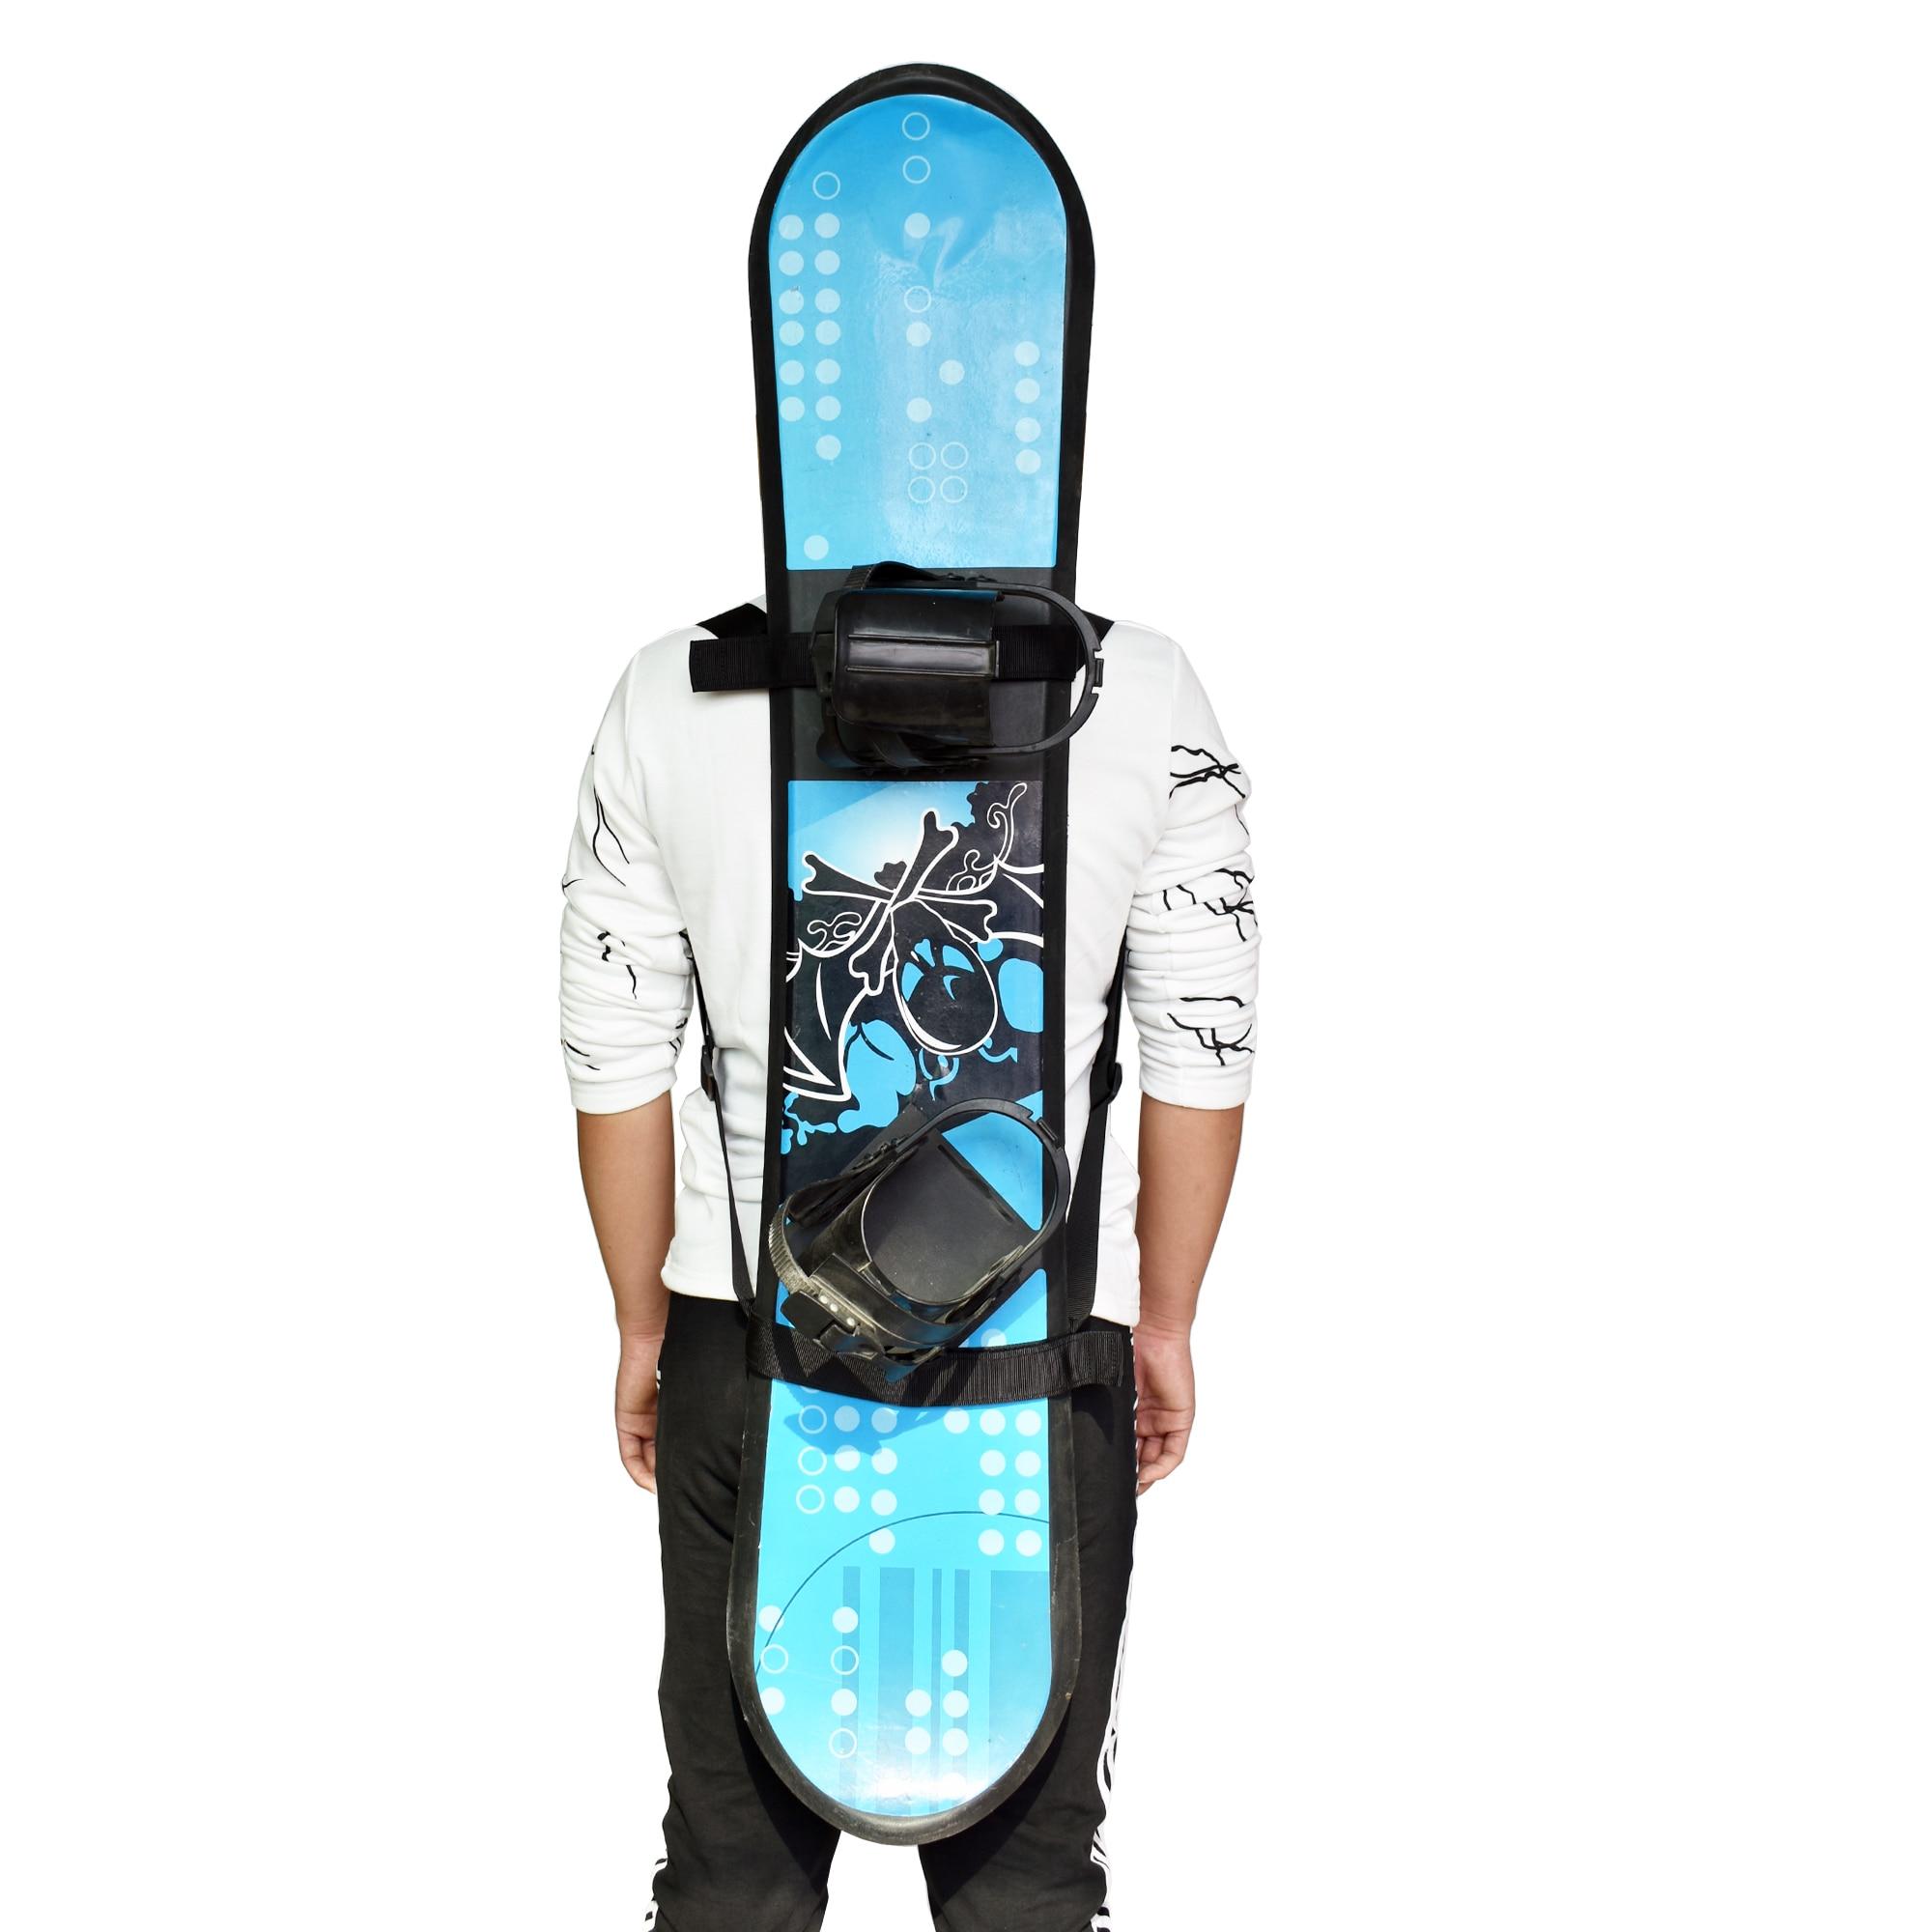 Snowboard Backpack Shoulder Strap Snowboard Backpack Carry Strap Snowboard Carrier   No Snowboard|Sleds & Snow Tubes| |  - title=